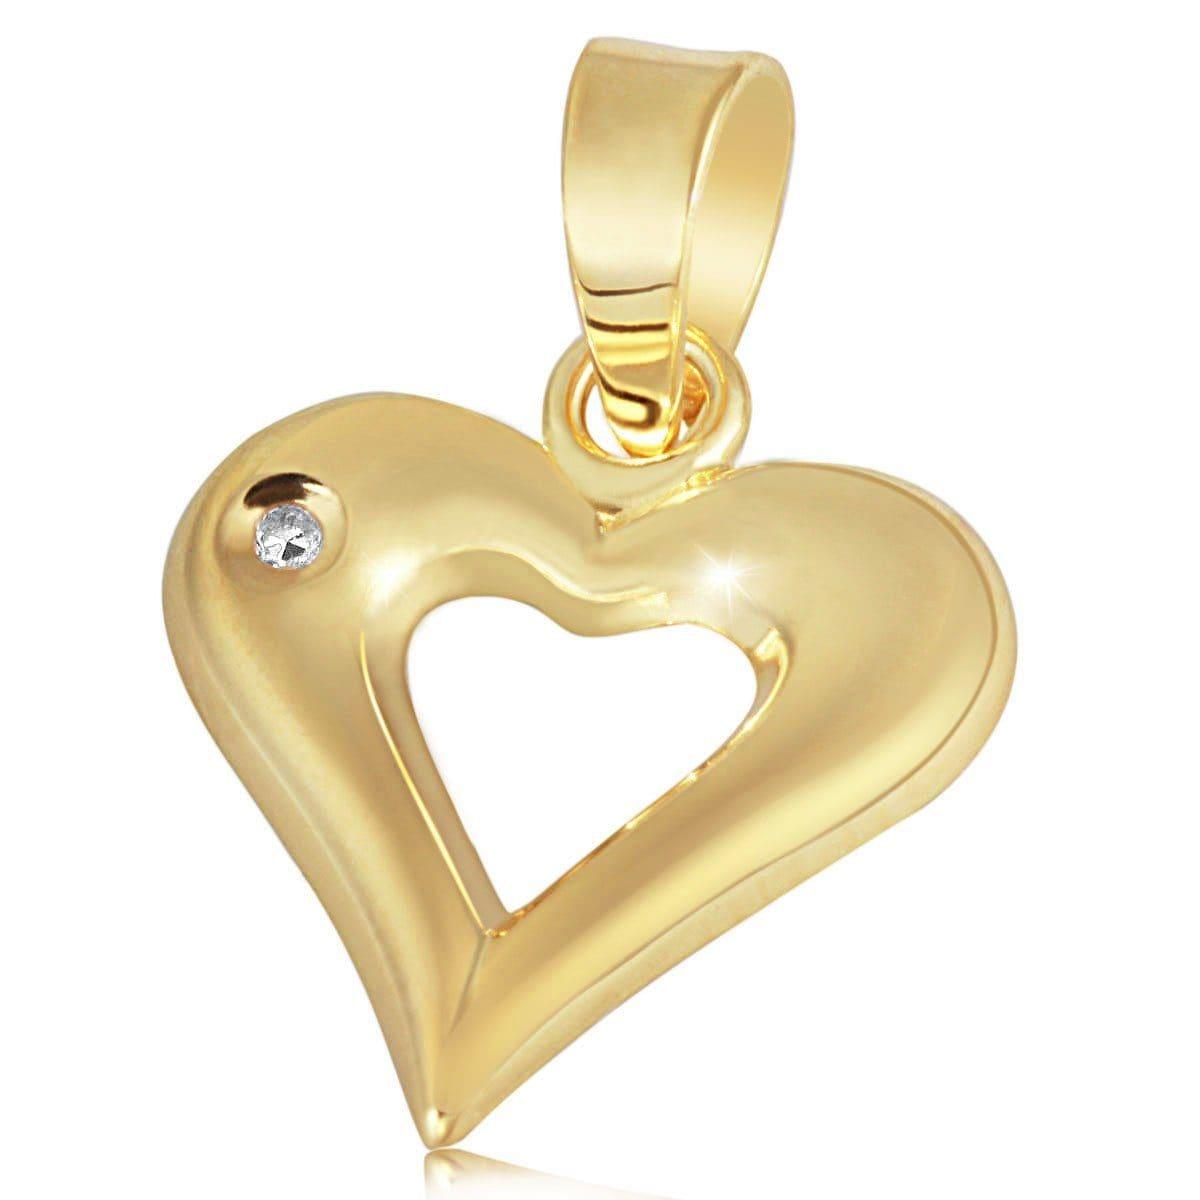 goldmaid Anhänger Herz Gelbgold 585/- 1 Diamant 0,01 ct. | Schmuck > Halsketten > Herzketten | Goldfarben | GOLDMAID